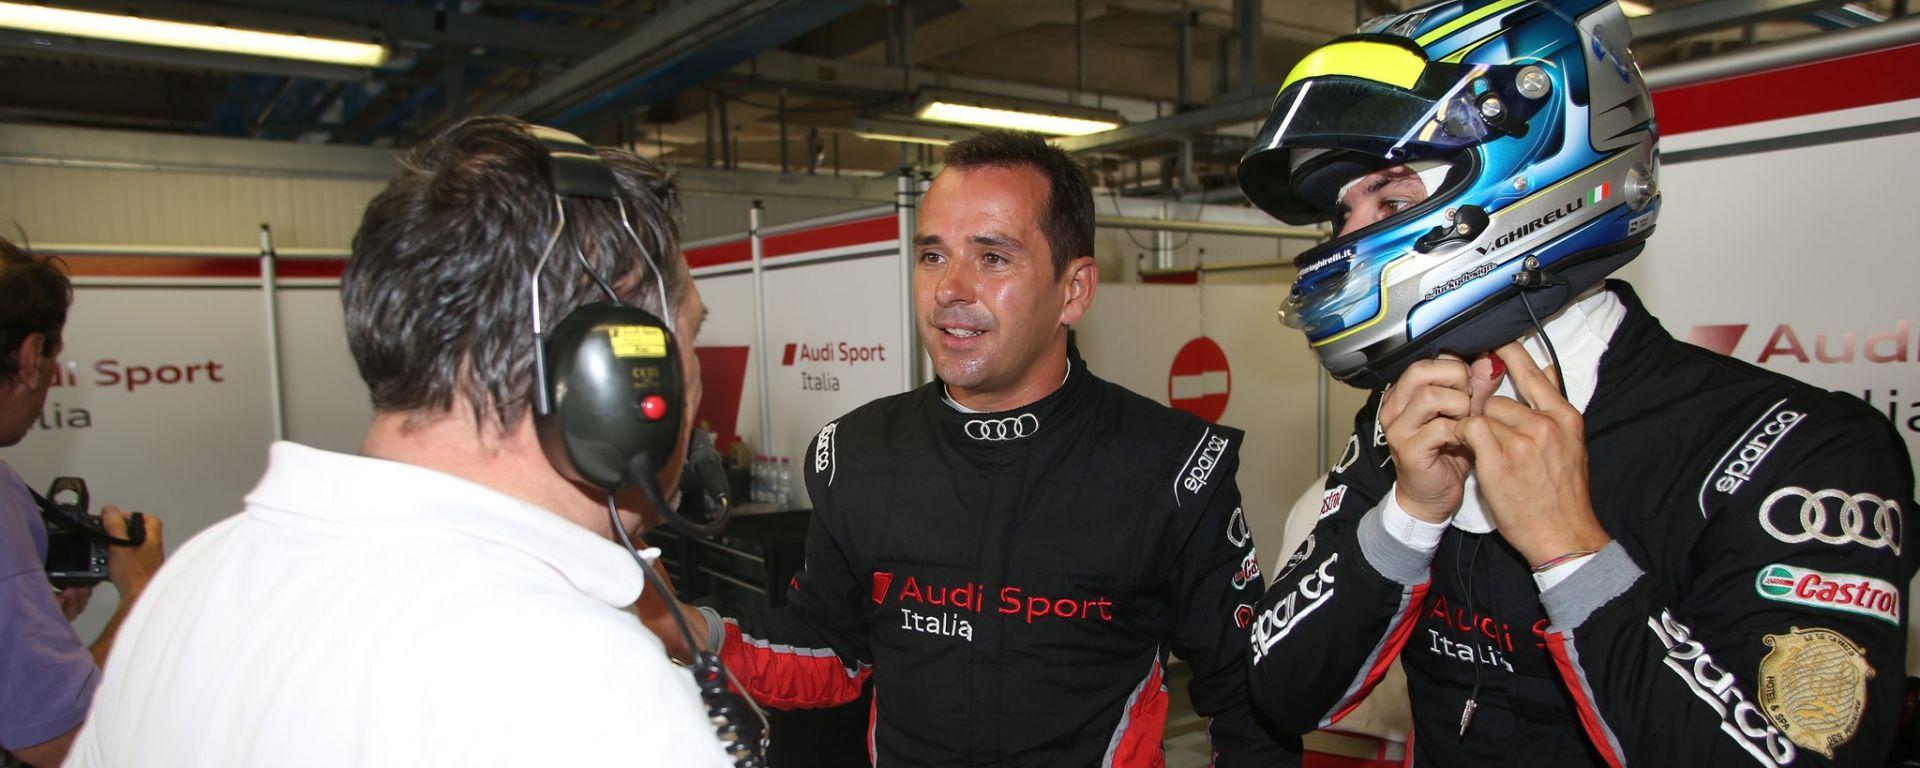 Tréluyer e Ghirelli -  Audi Sport Italia, Campionato GT Italiano